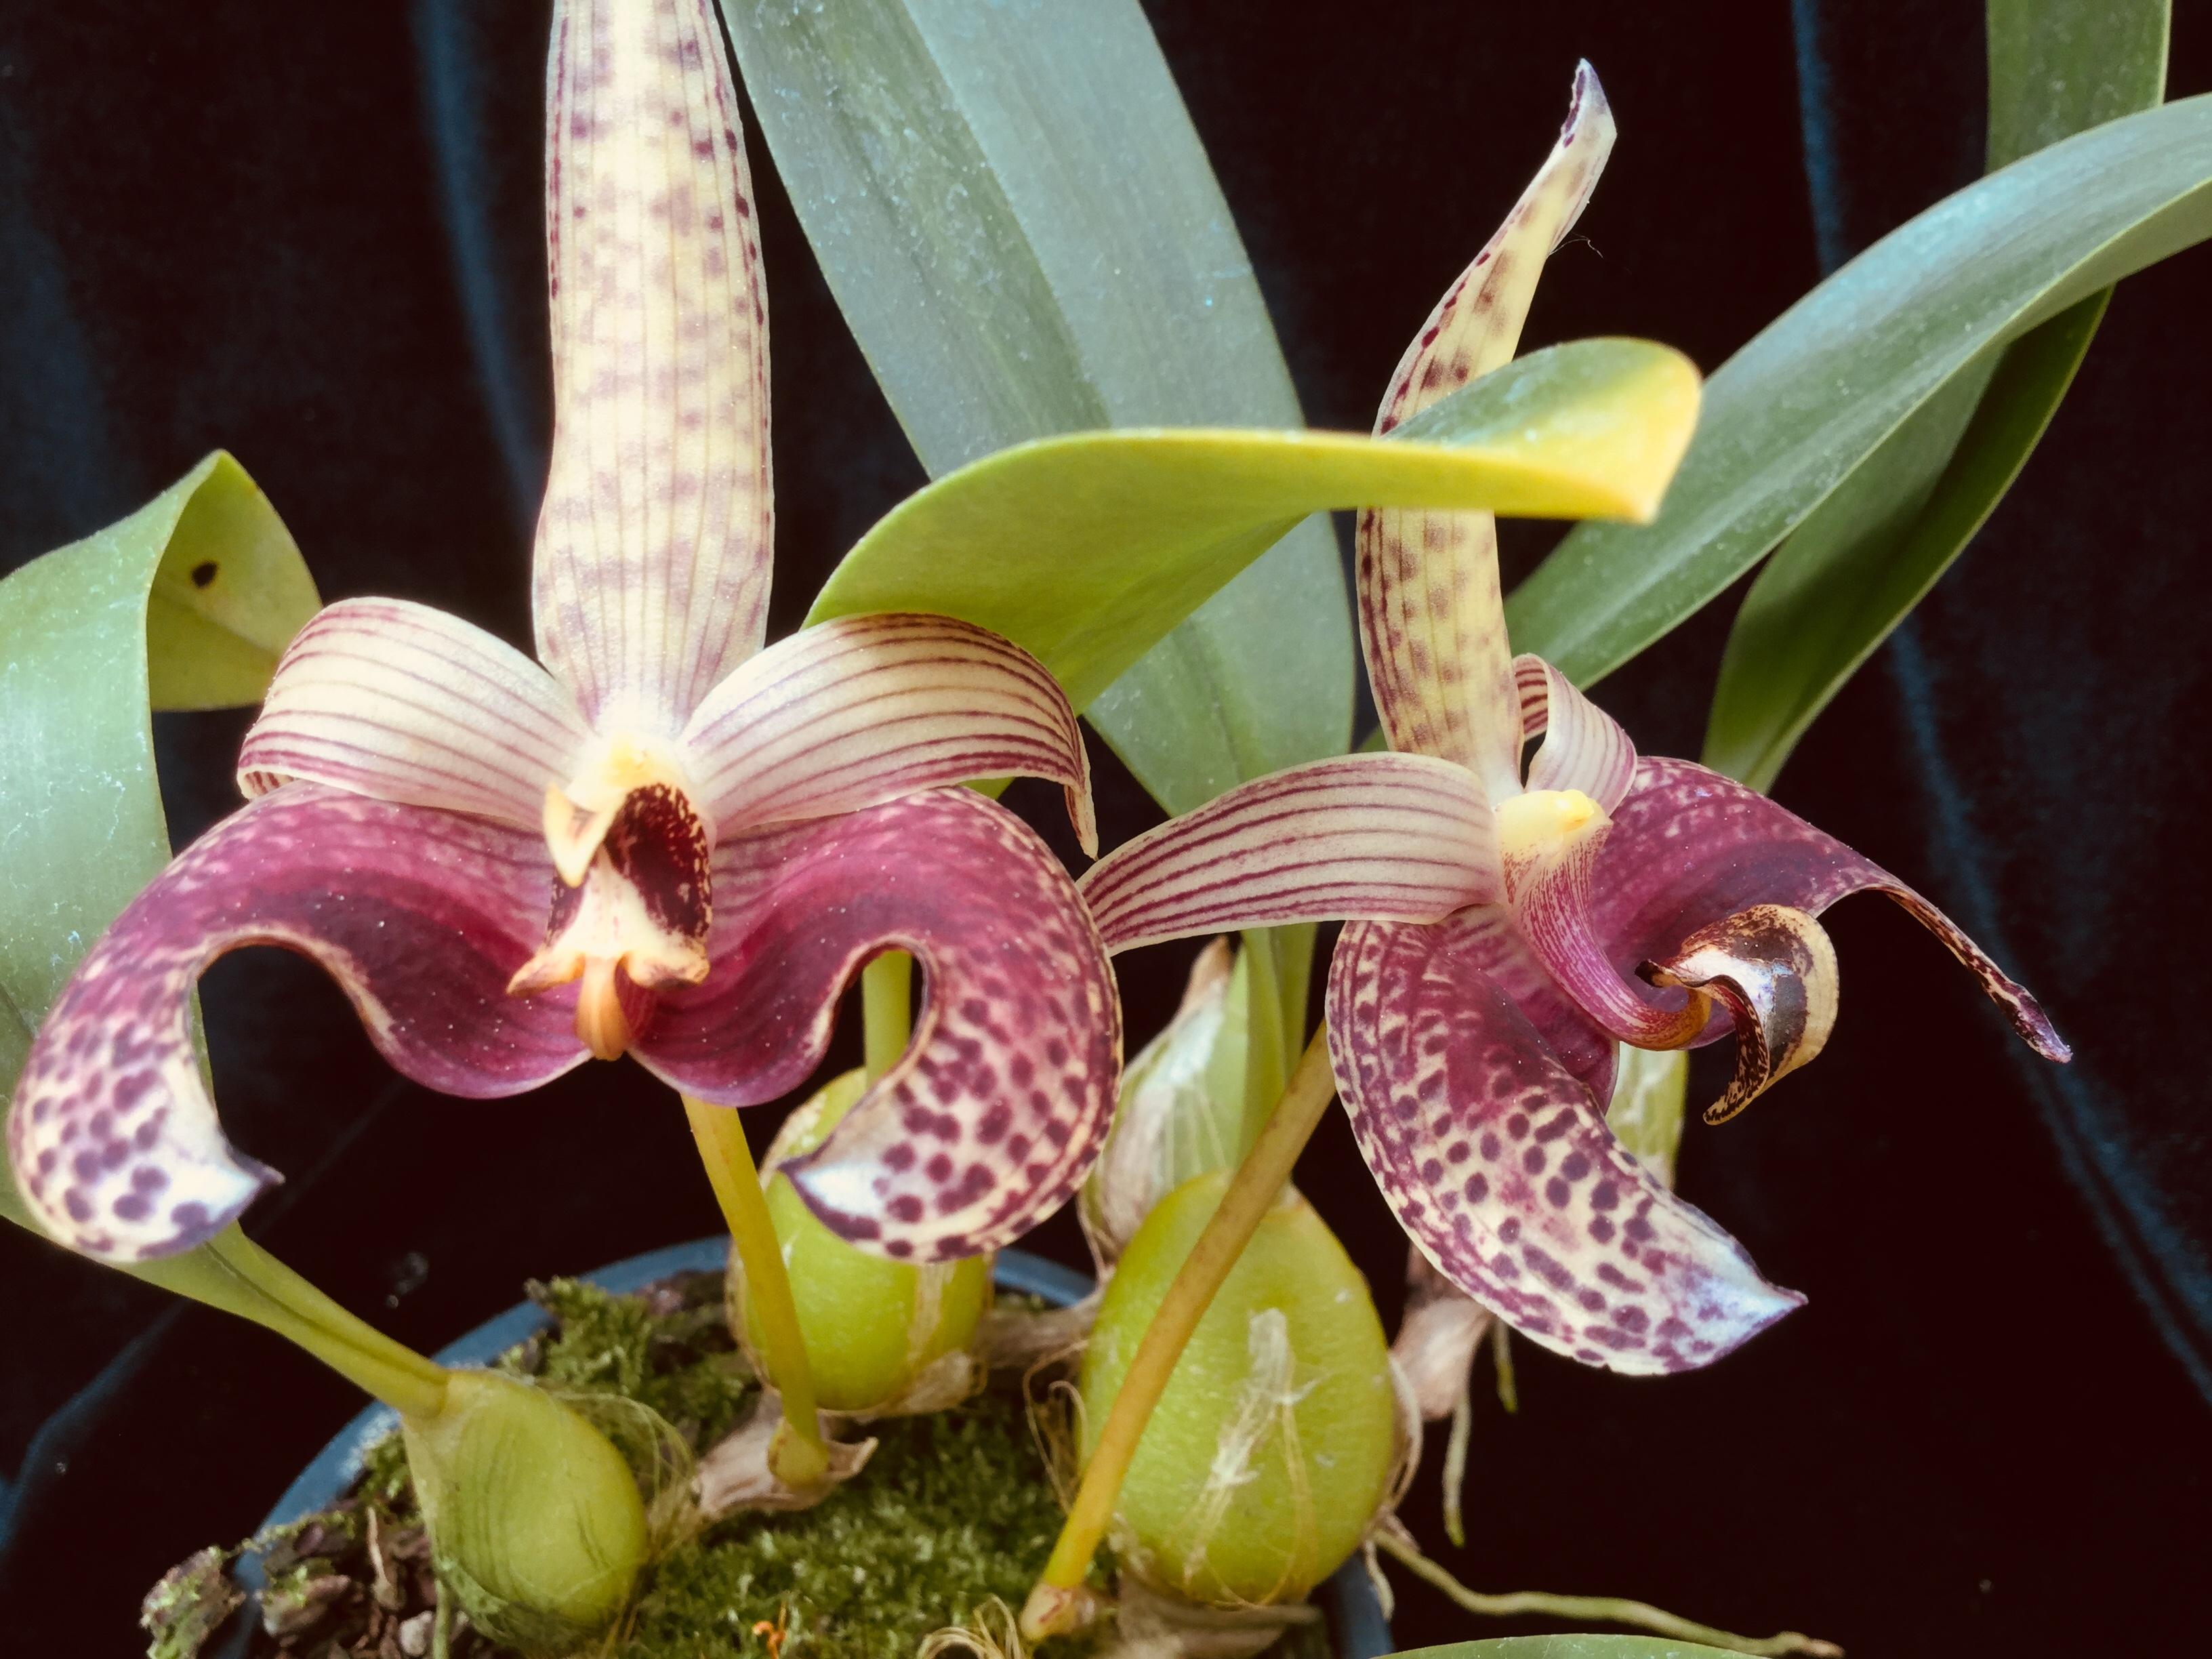 Bulbophyllum sumatranum